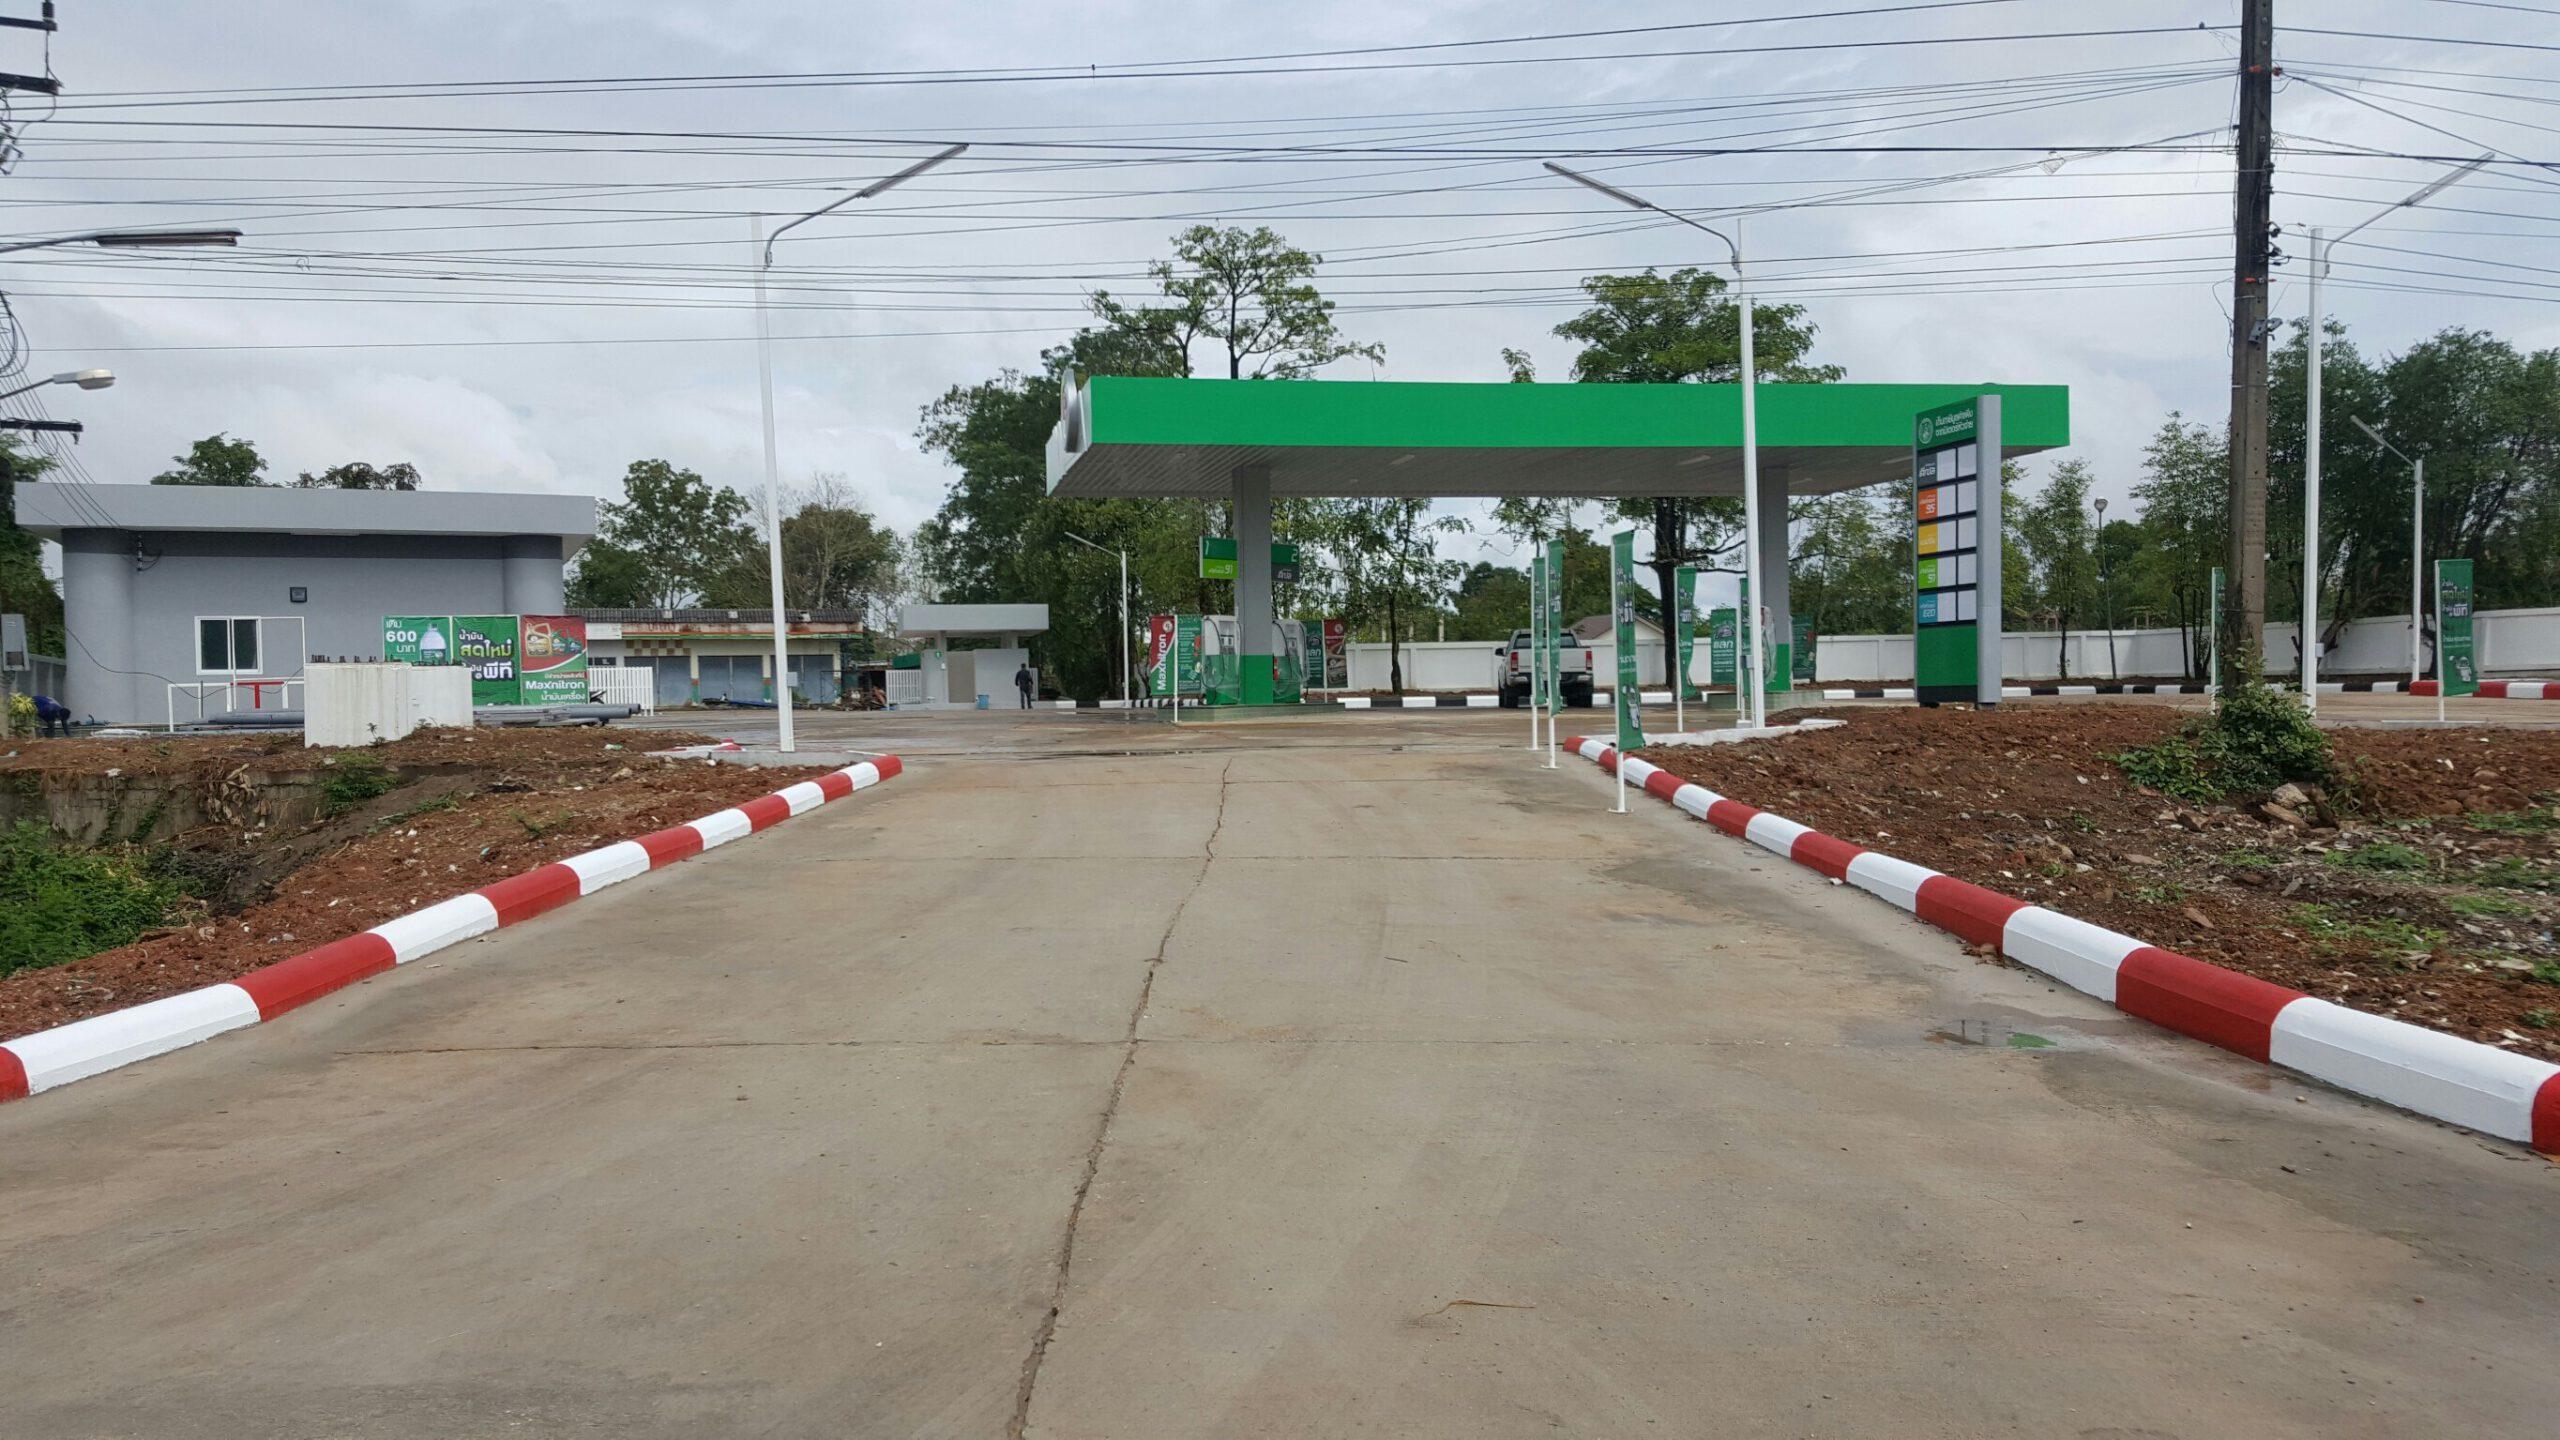 รับสร้างปั๊มน้ำมันครบวงจร ทุกแบรนด์ ผลงานทั่วไทยกว่า 100 ปั๊ม